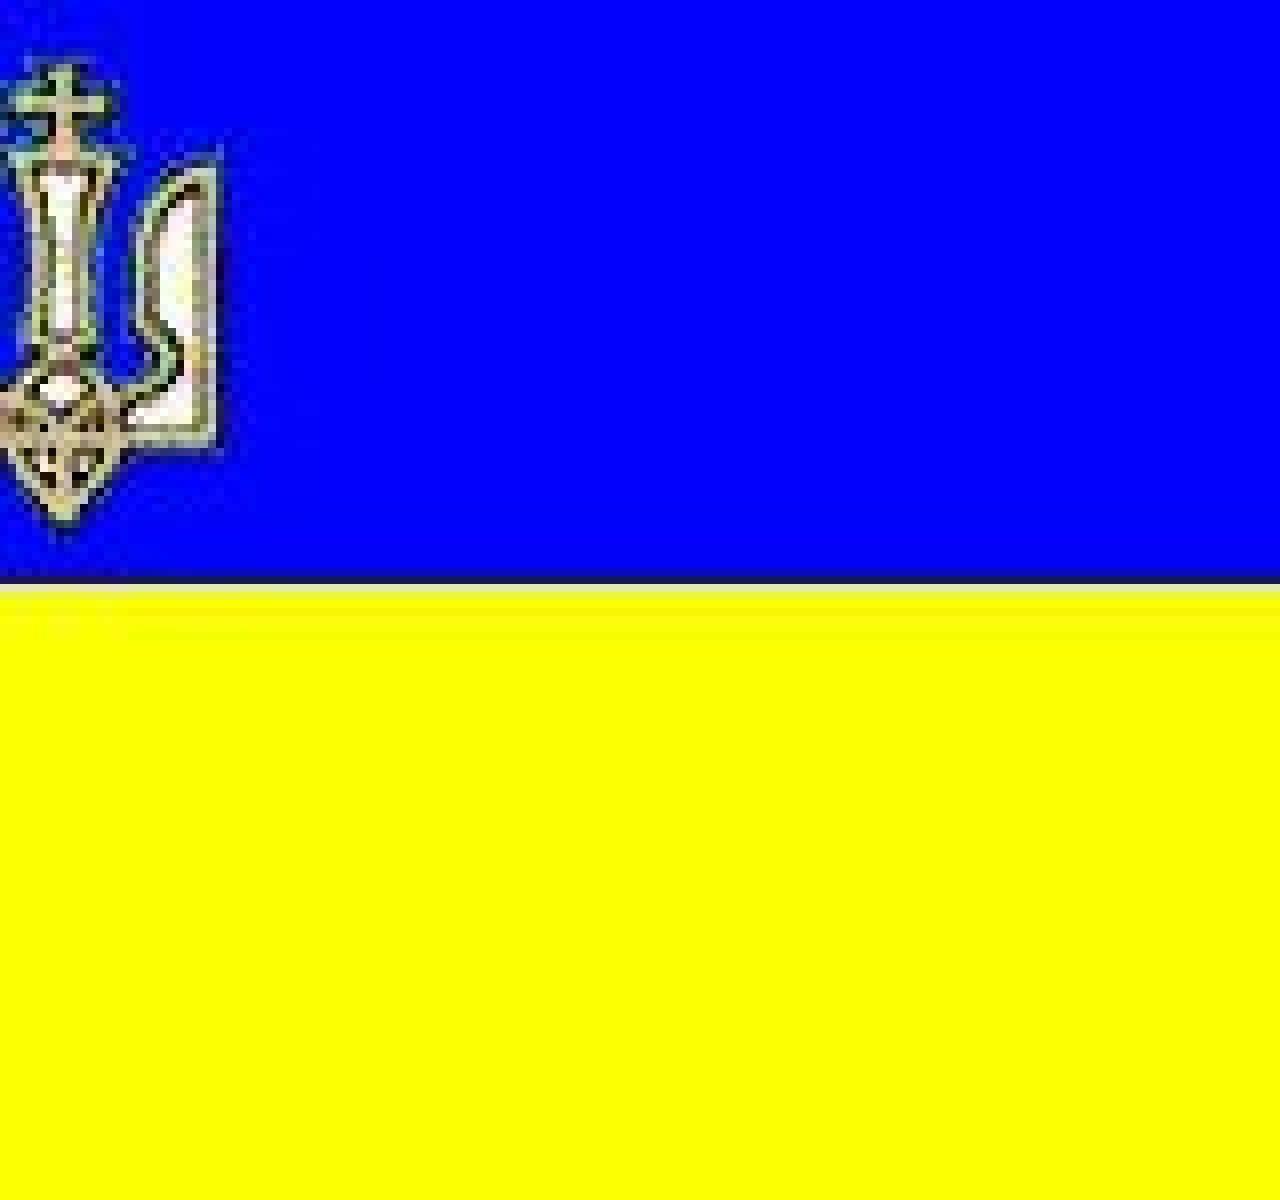 прапор і тризуб